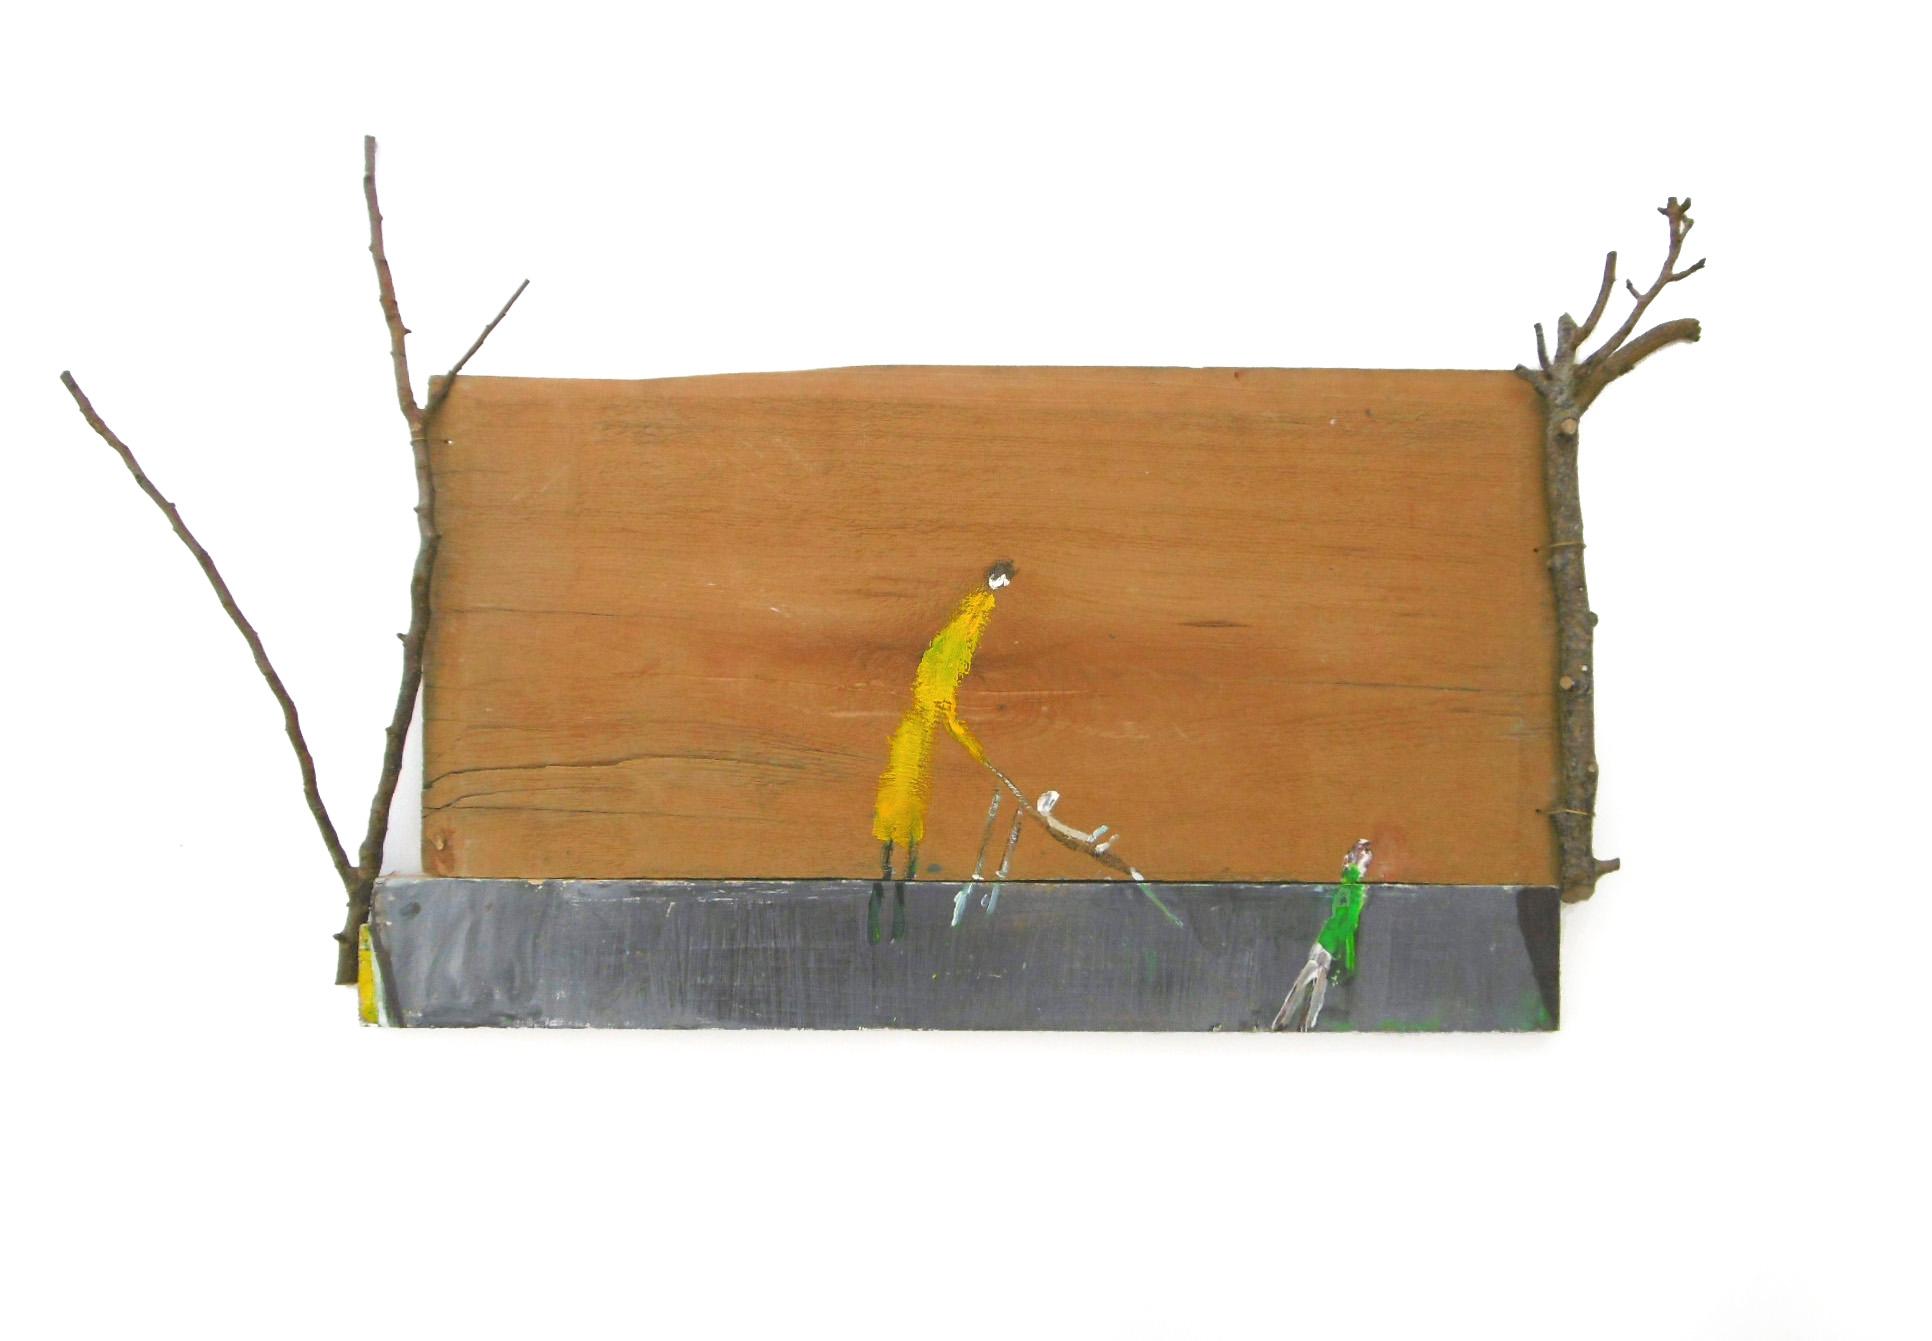 Andrew Litten artist early work